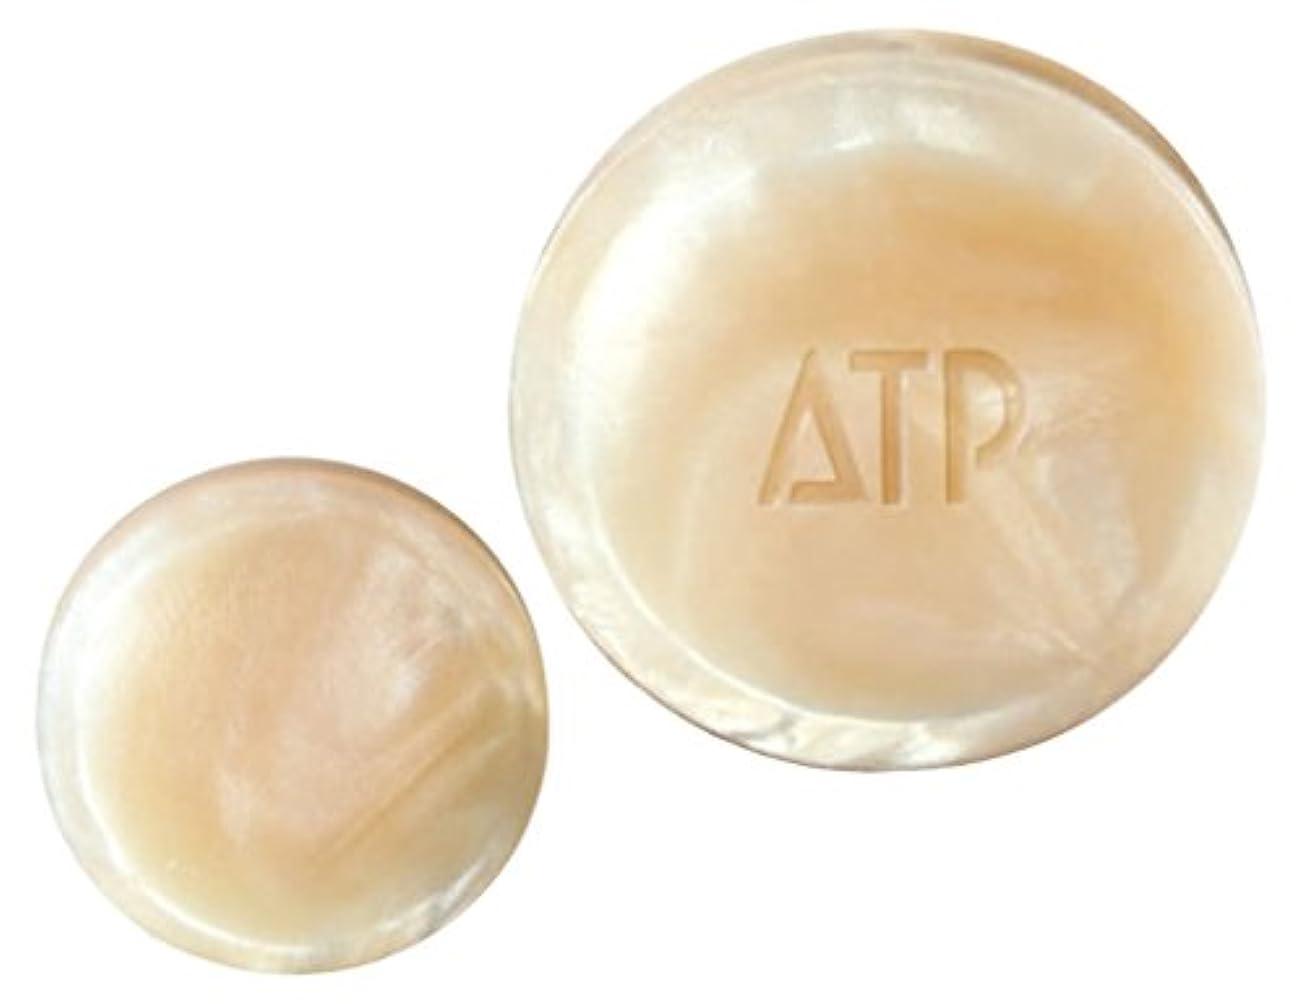 名前を作る図ペンフレンド薬用ATP デリケアソープ 30g (全身用洗浄石けん?枠練り) [医薬部外品]